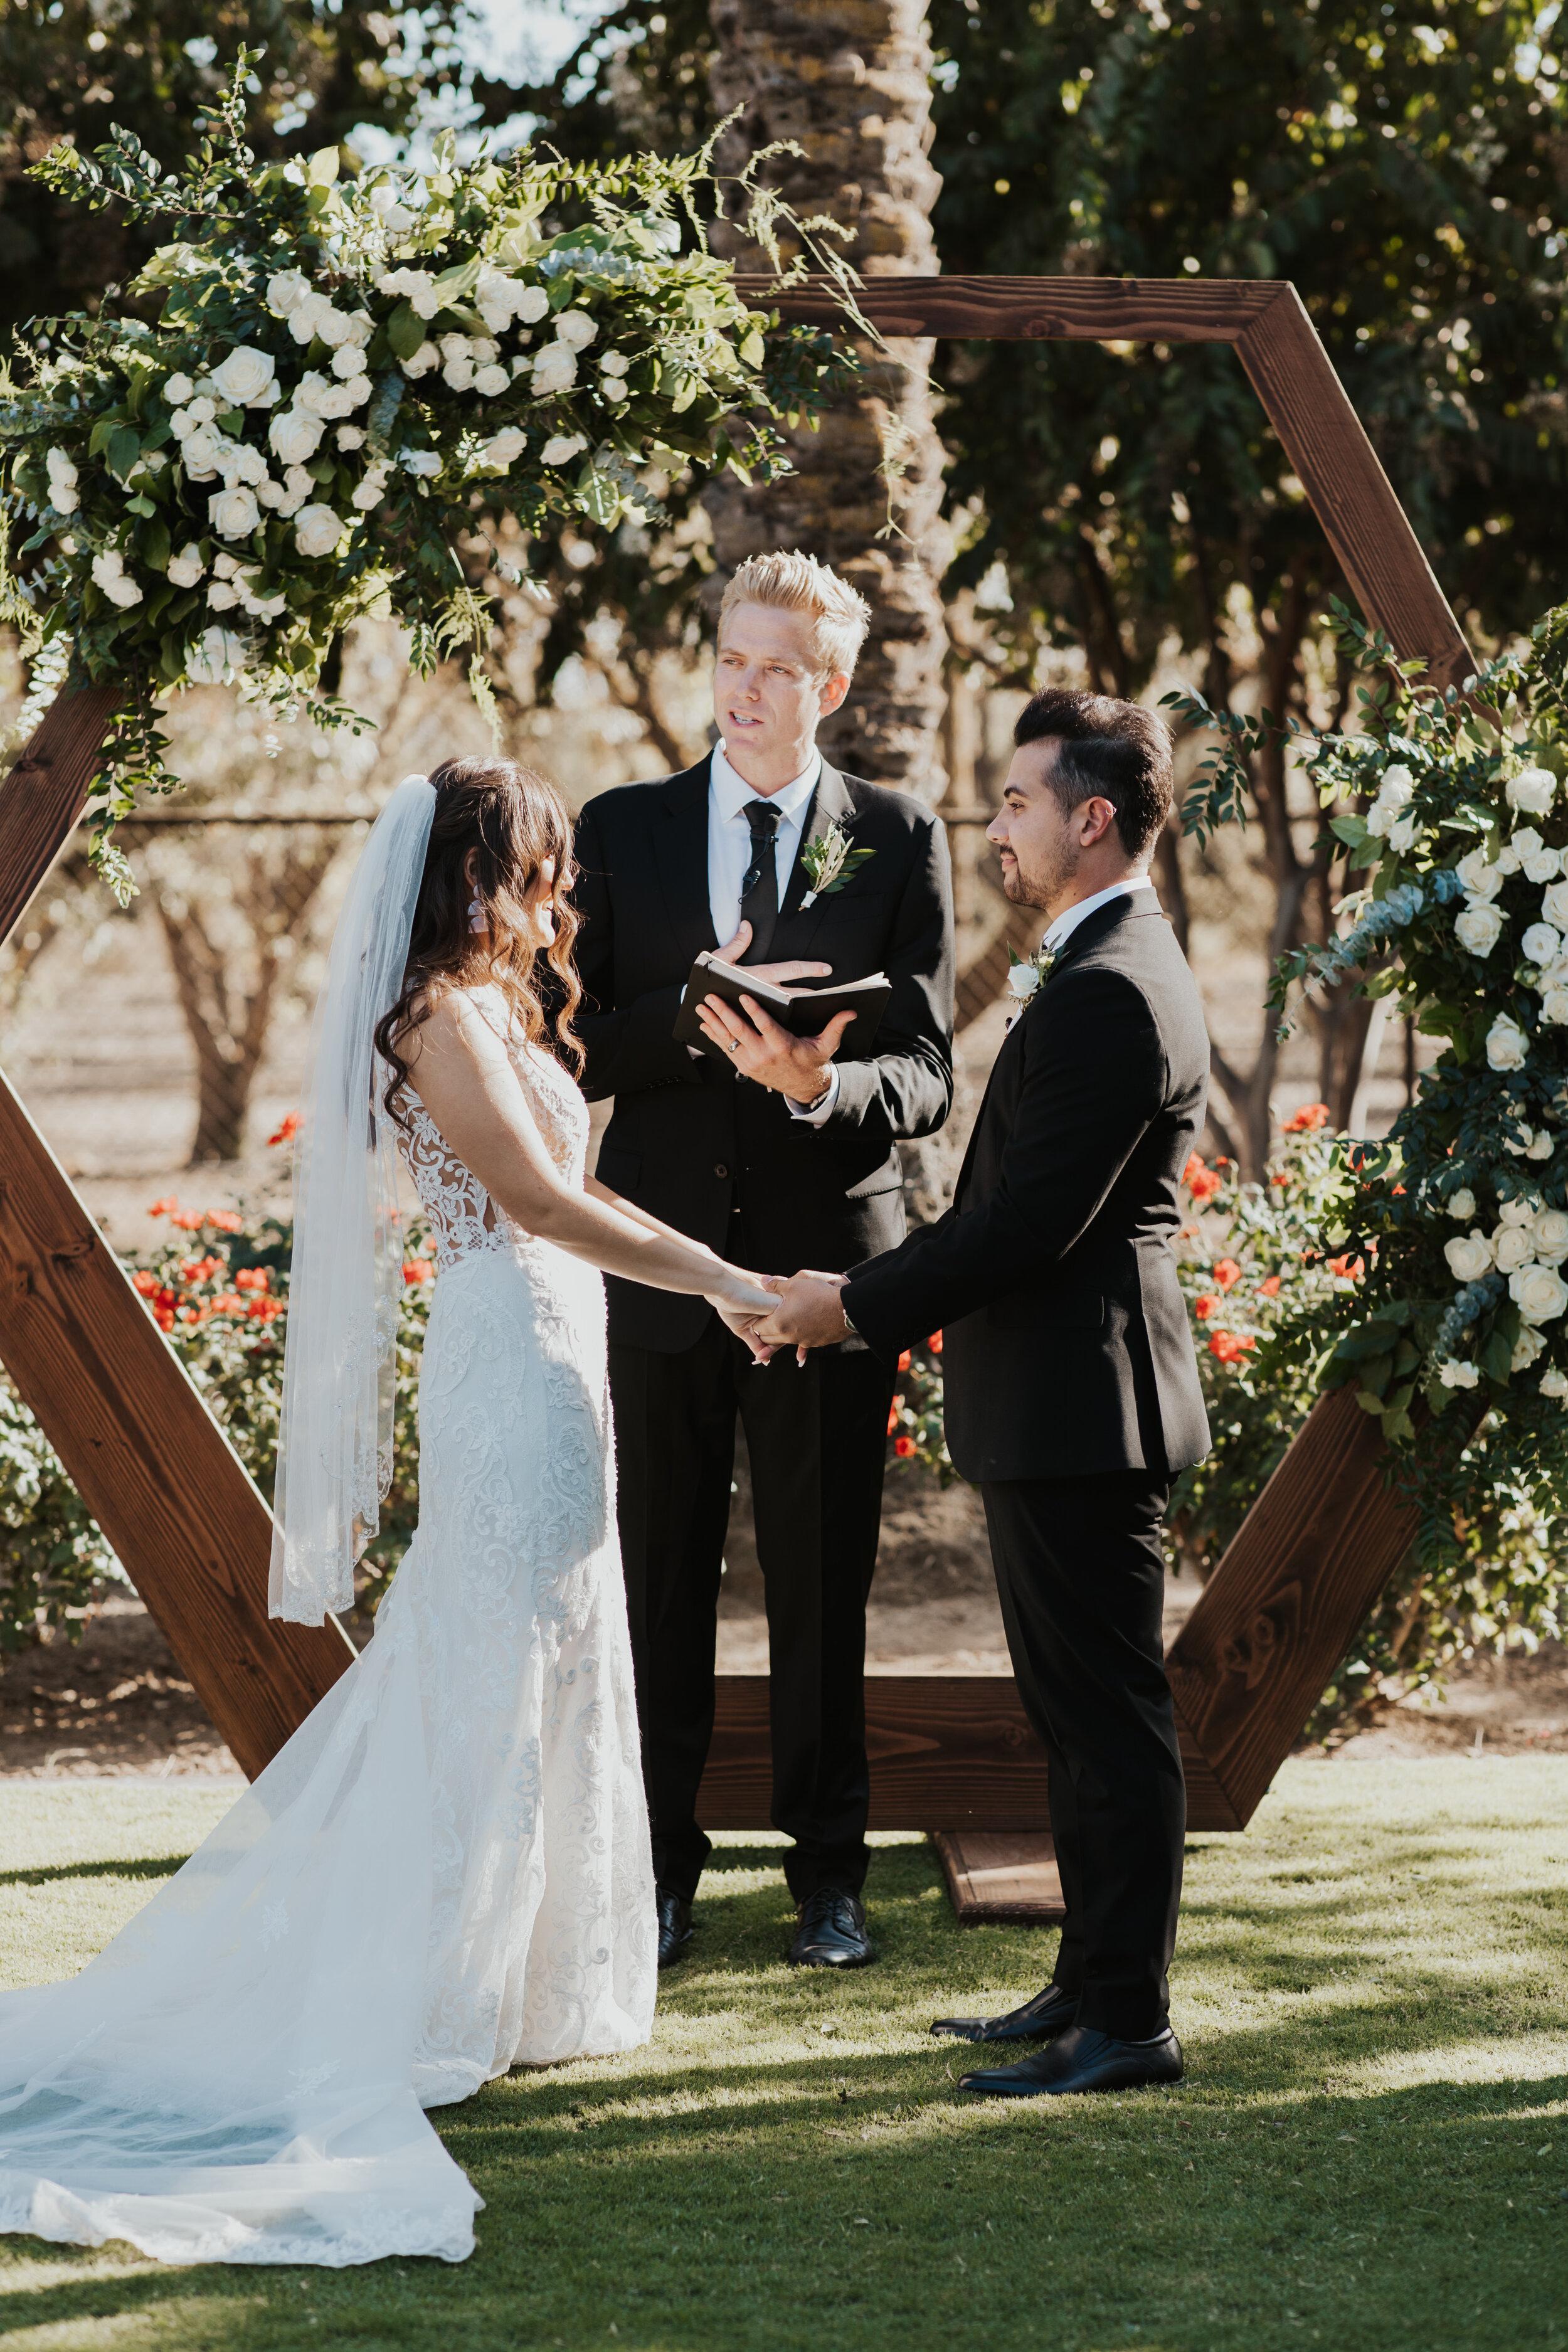 Emilee-Michael-Wedding-Tuscan-Gardens-Kingsburg-Central-Valley-California-SNEAK-PEEK-34.jpg